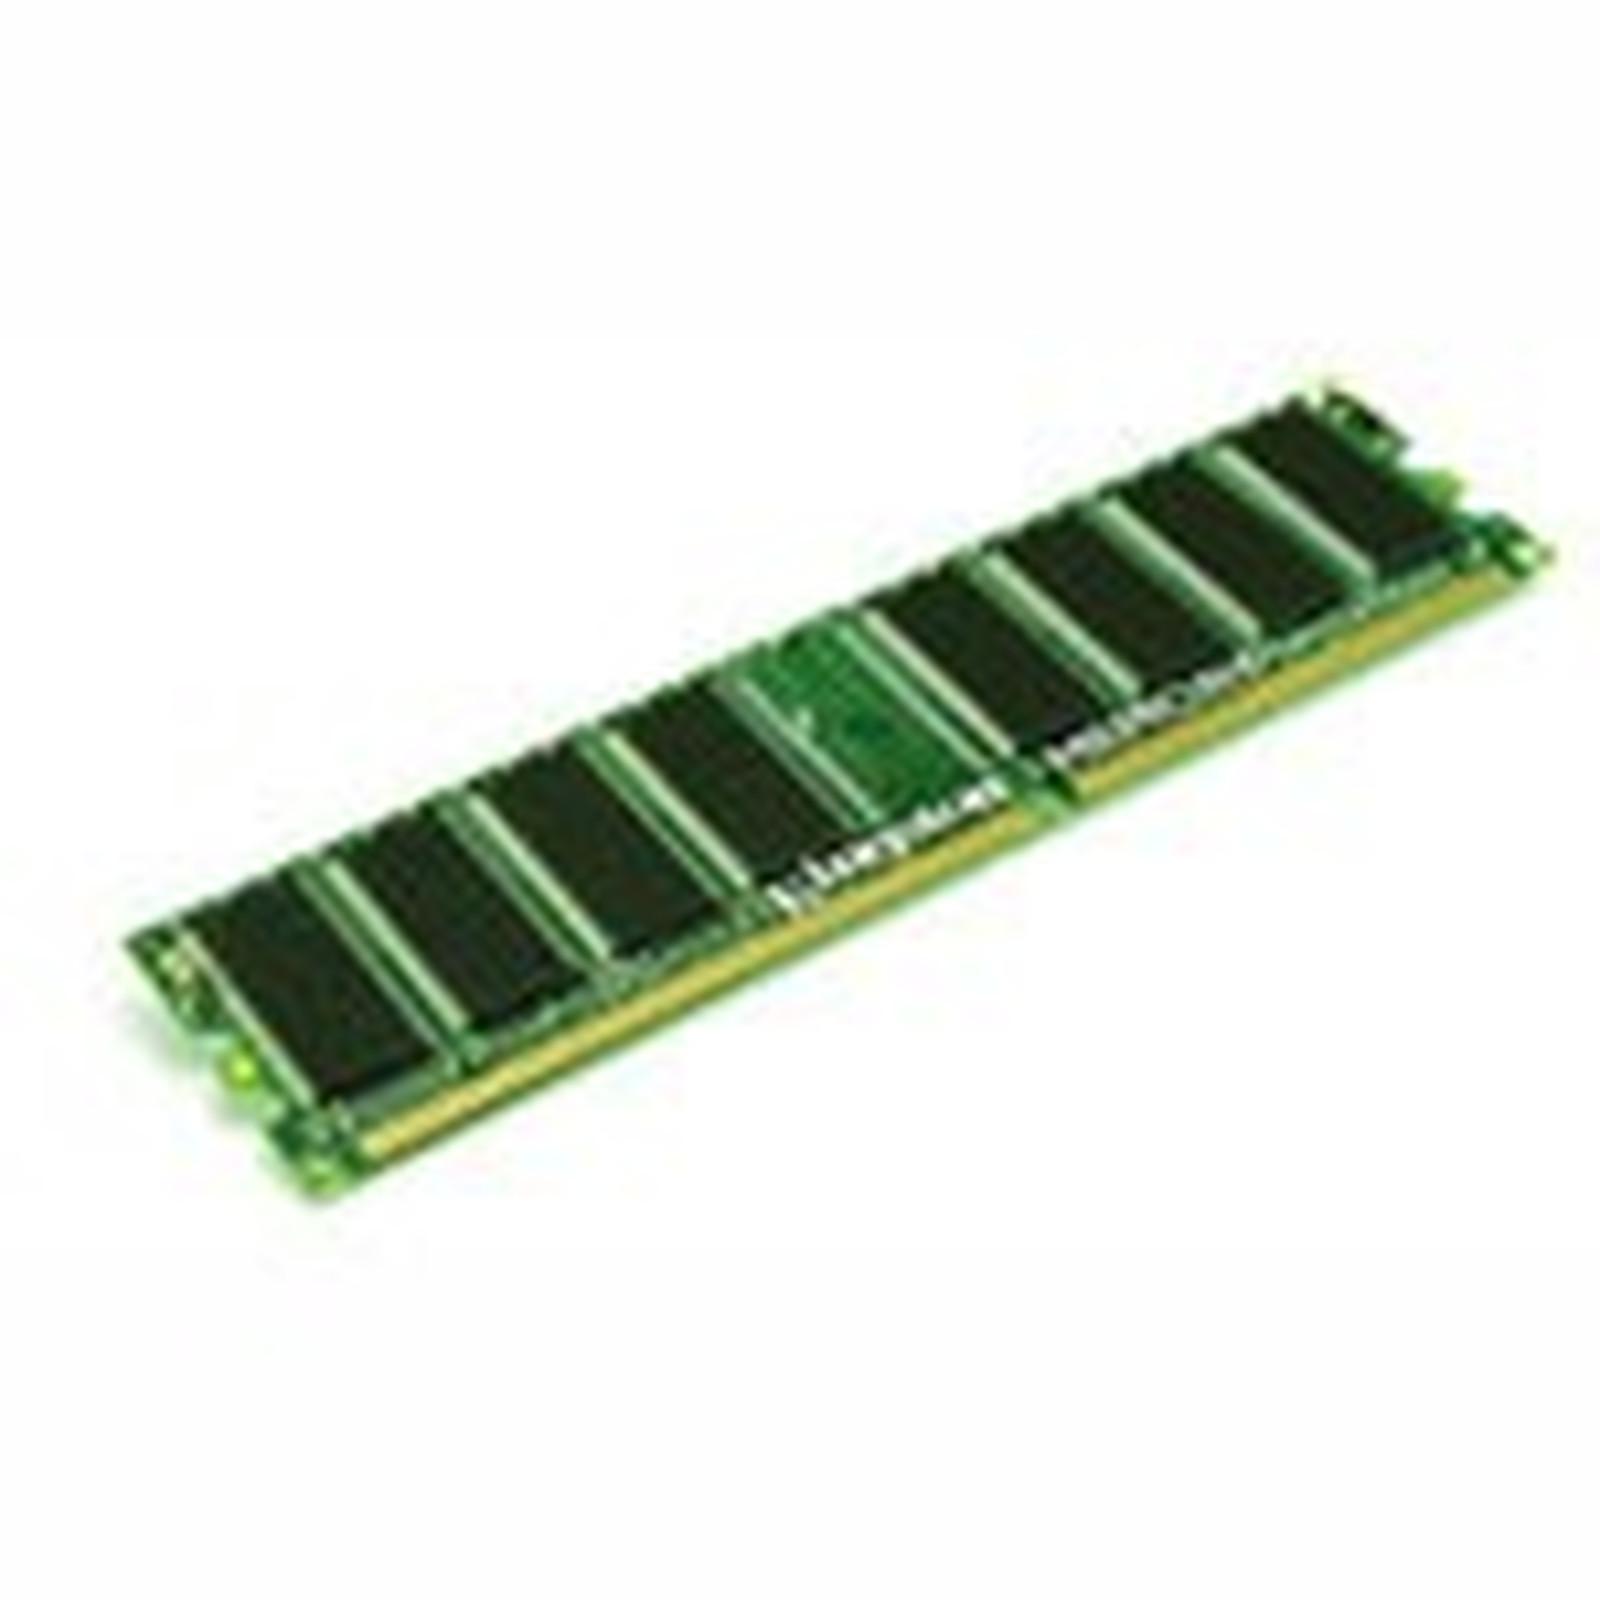 Kingston 2 Go DDR 266 MHz ECC Registered